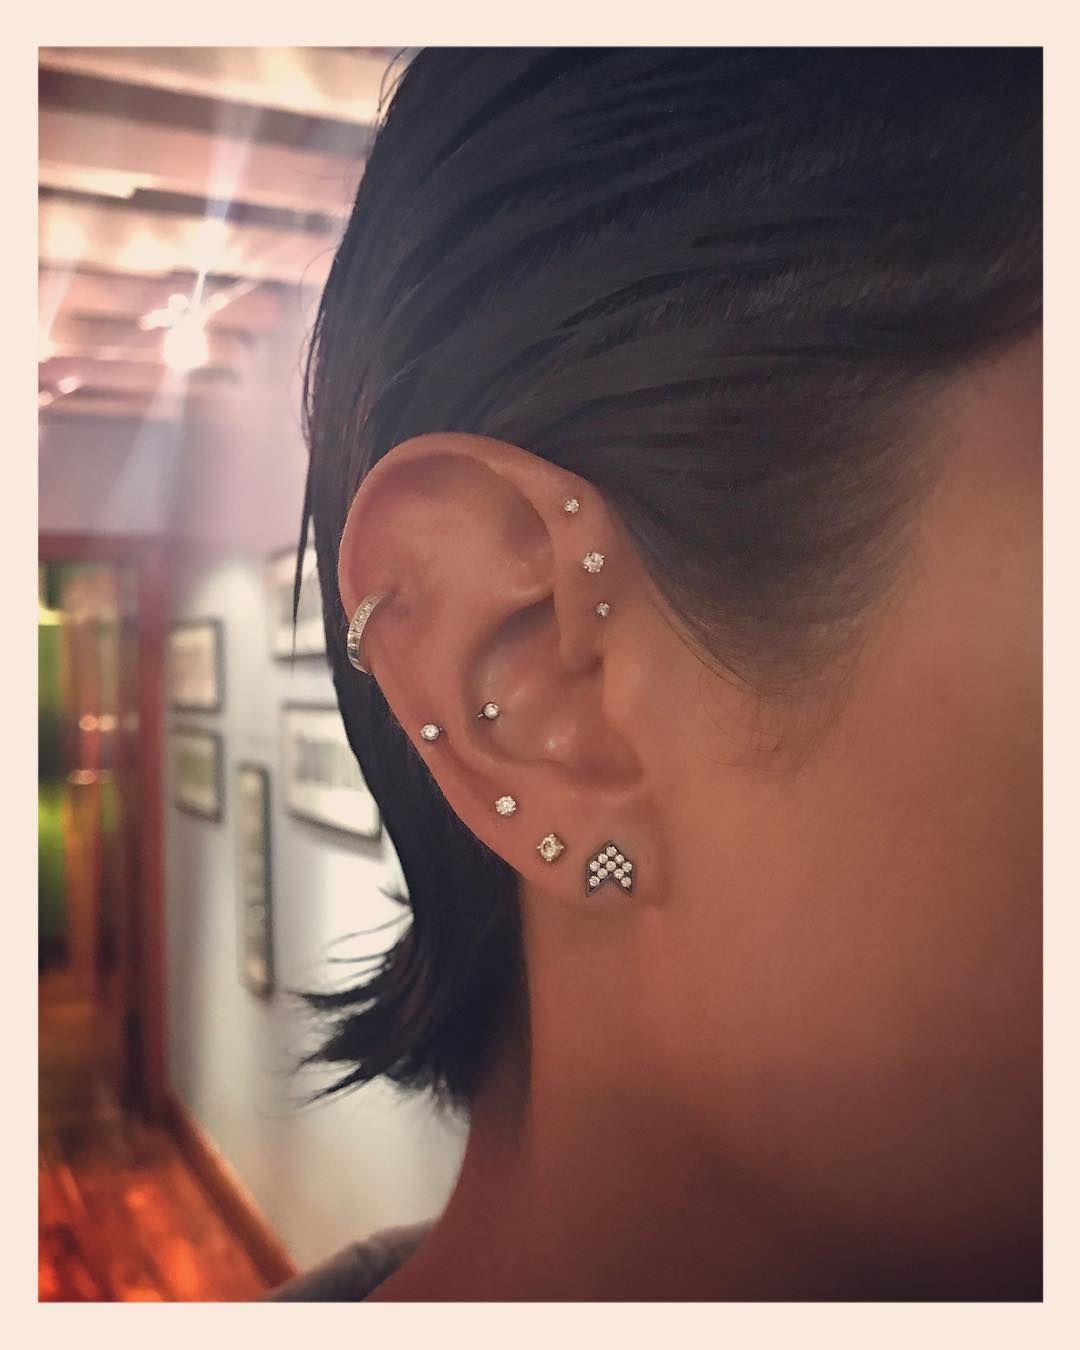 Belly piercing 2018  New Piercing Ideas  Ear Body Piercing Trend Photos  earrings